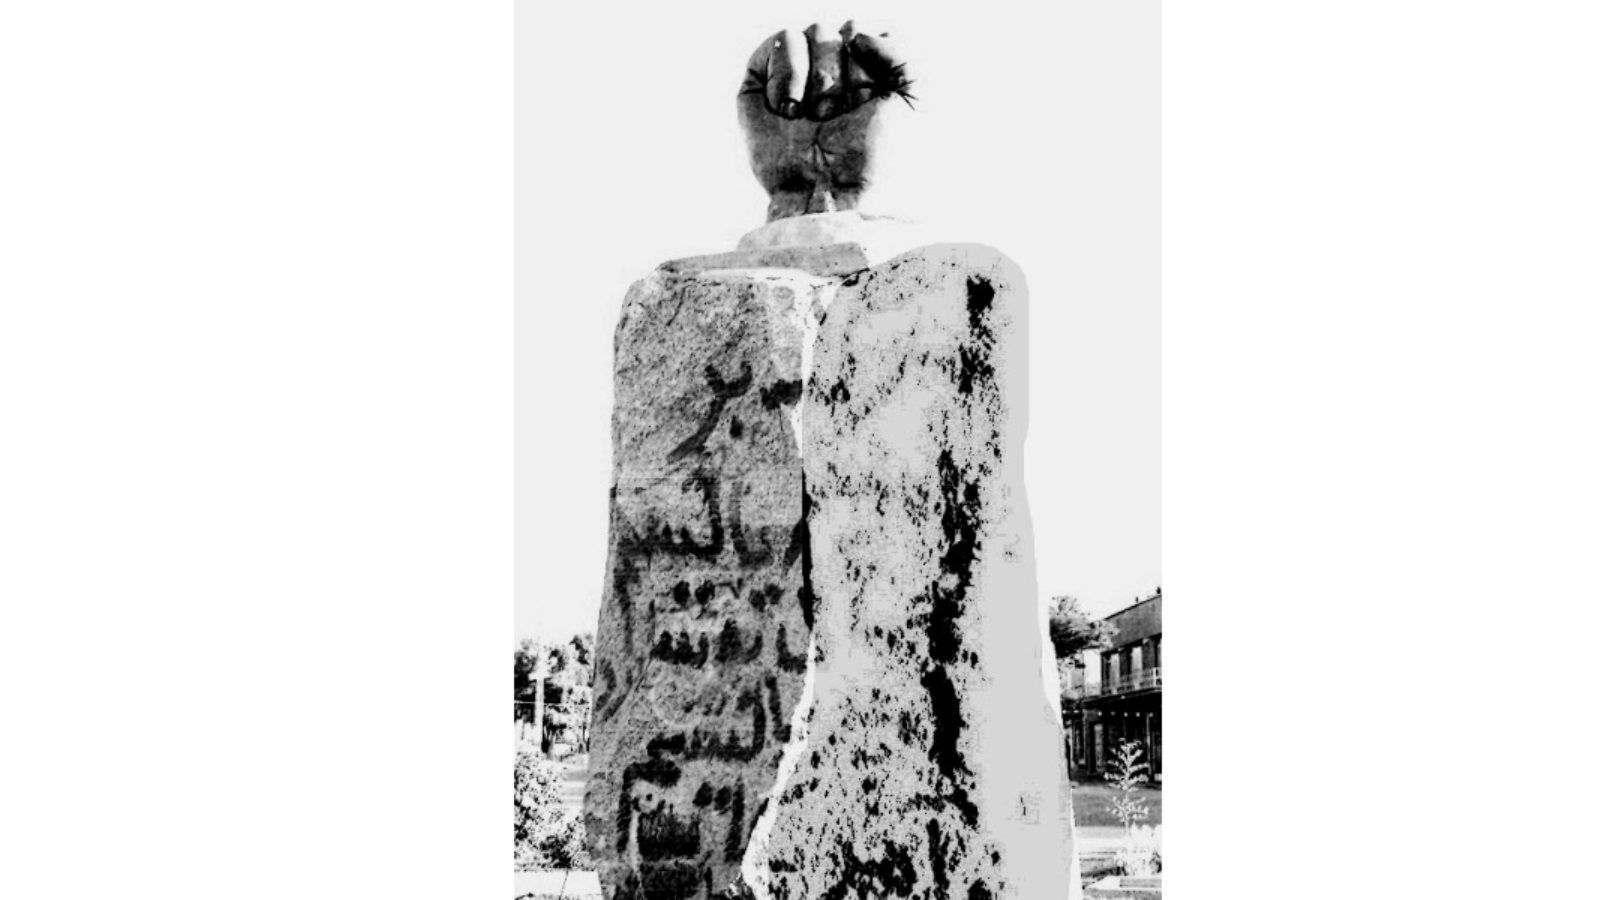 حکایت سنگ گرانیت نتراشیده نخراشیده